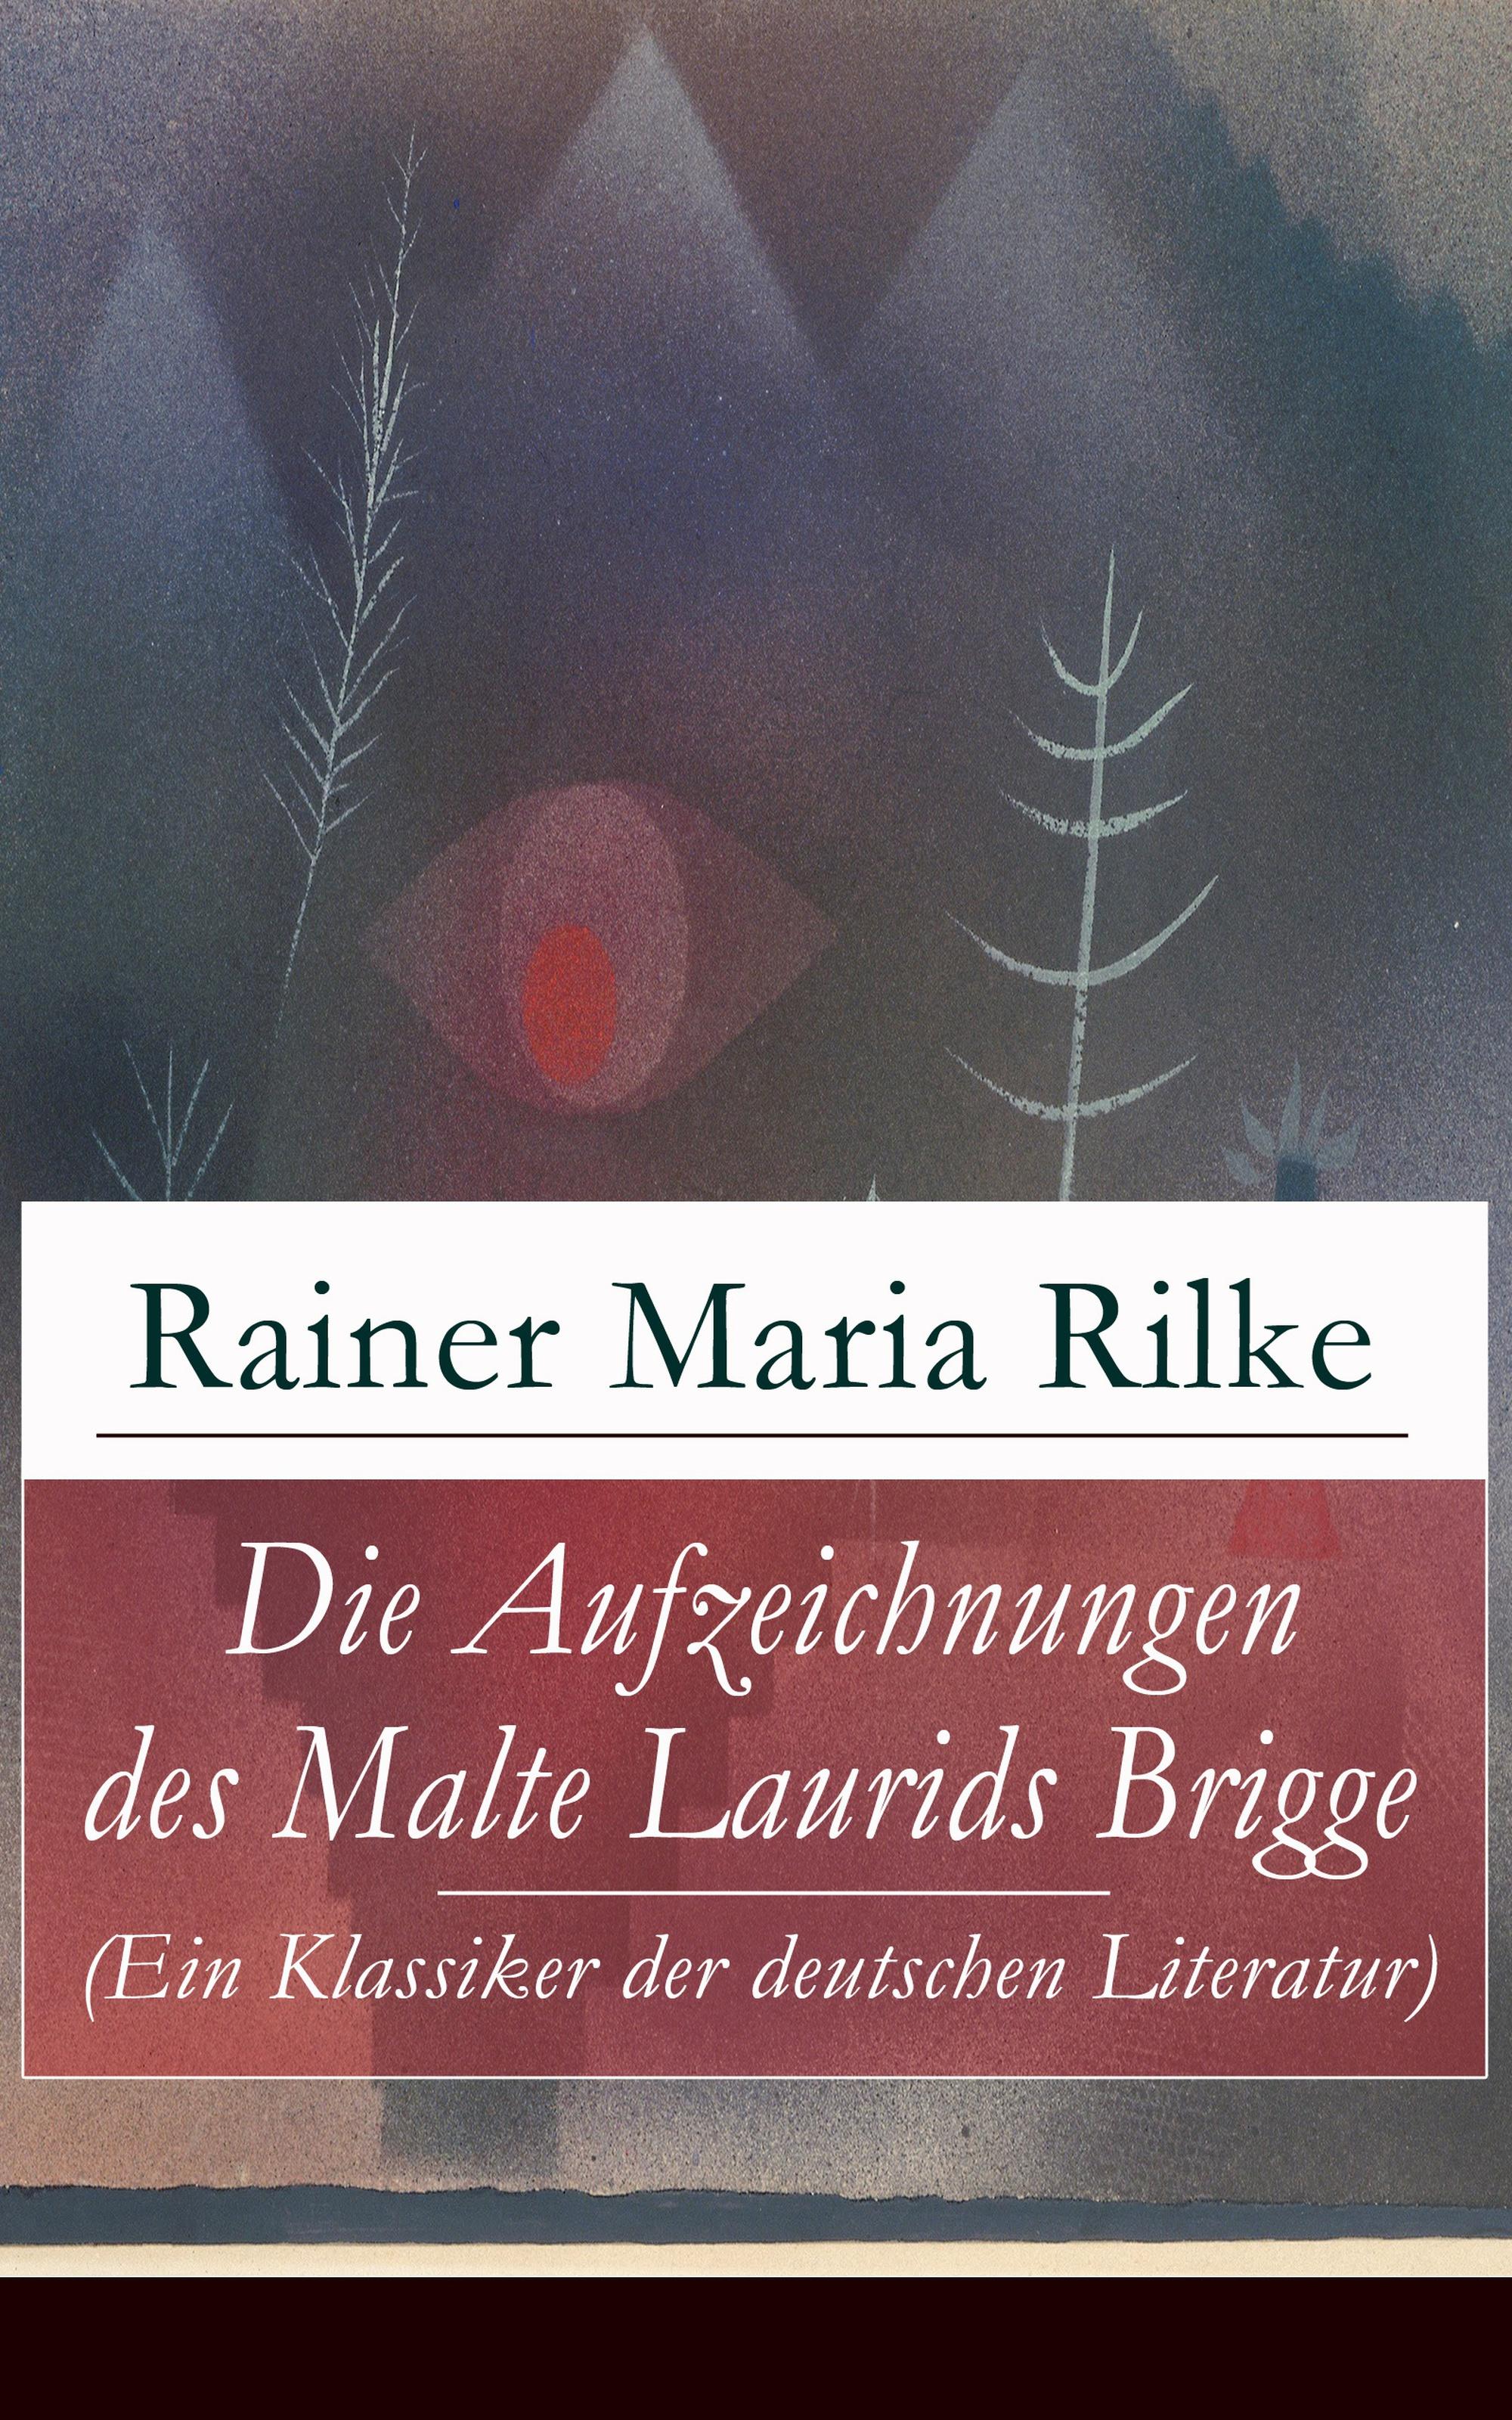 Rainer Maria Rilke Die Aufzeichnungen des Malte Laurids Brigge (Ein Klassiker der deutschen Literatur) gersdorf ernst gotthelf repertorium der gesammten deutschen literatur volume 34 german edition